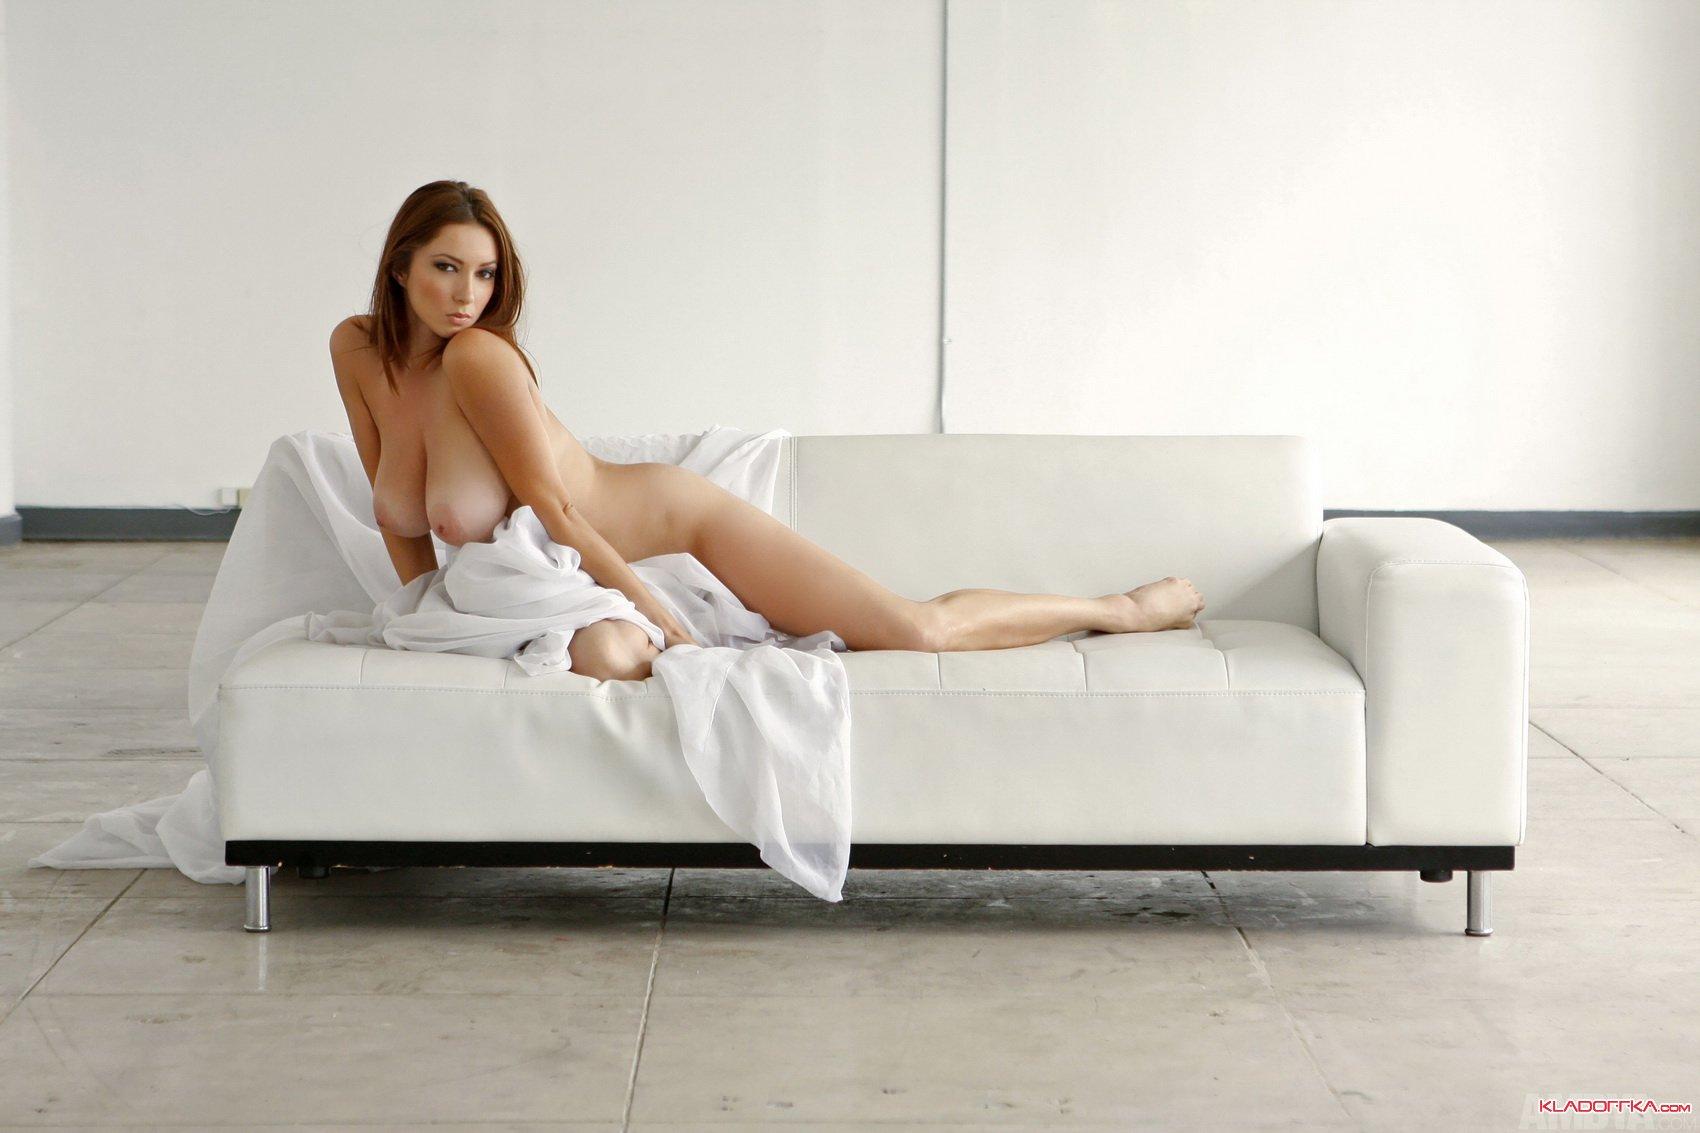 Шикарная дама на диване 21 фотография